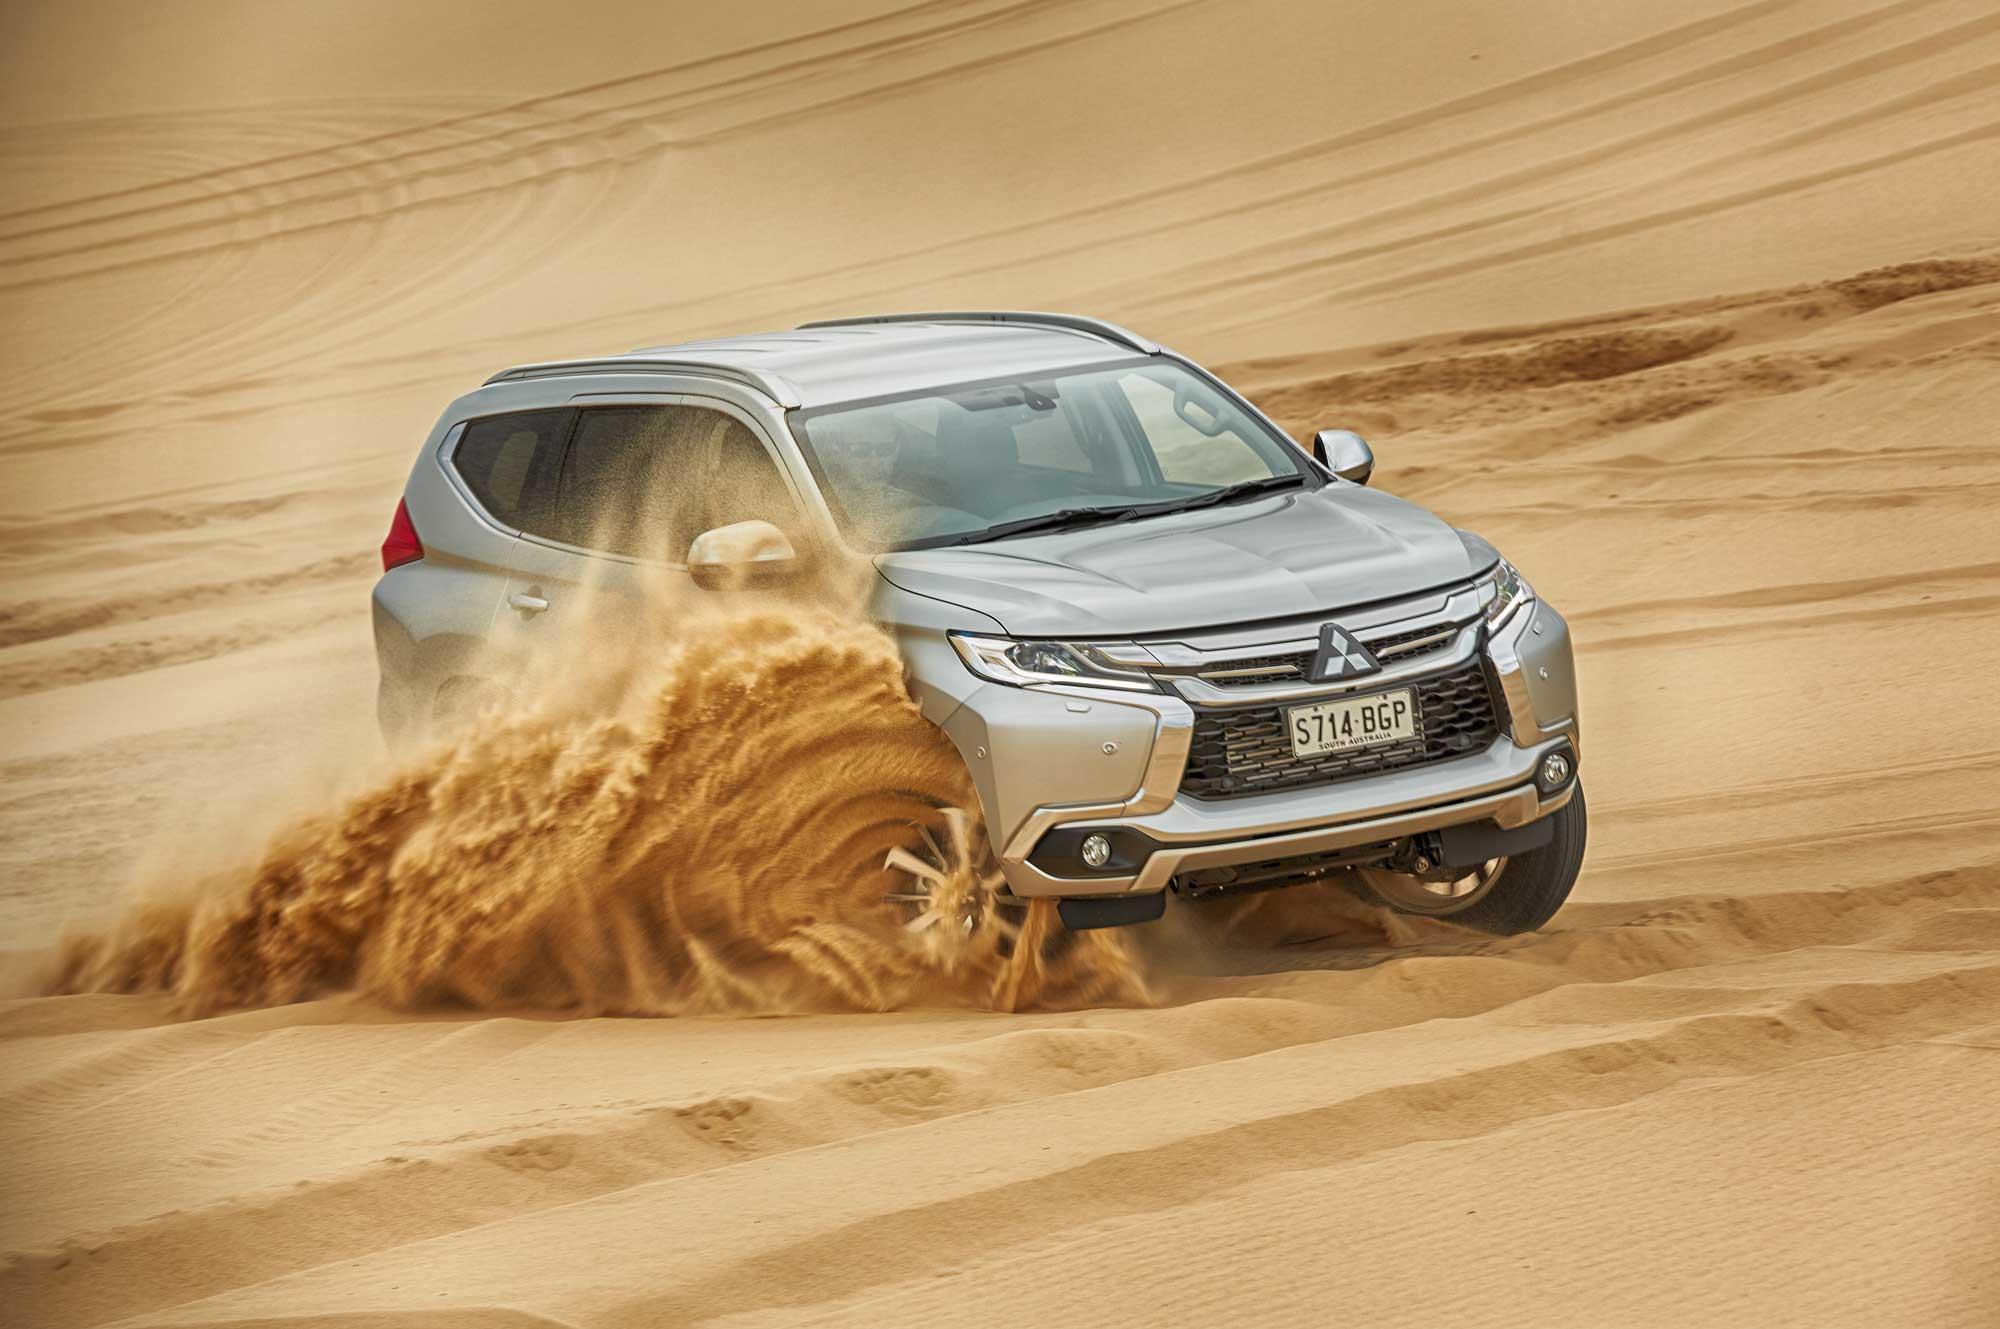 Vehicle News: The All-New Mitsubishi Pajero Sport